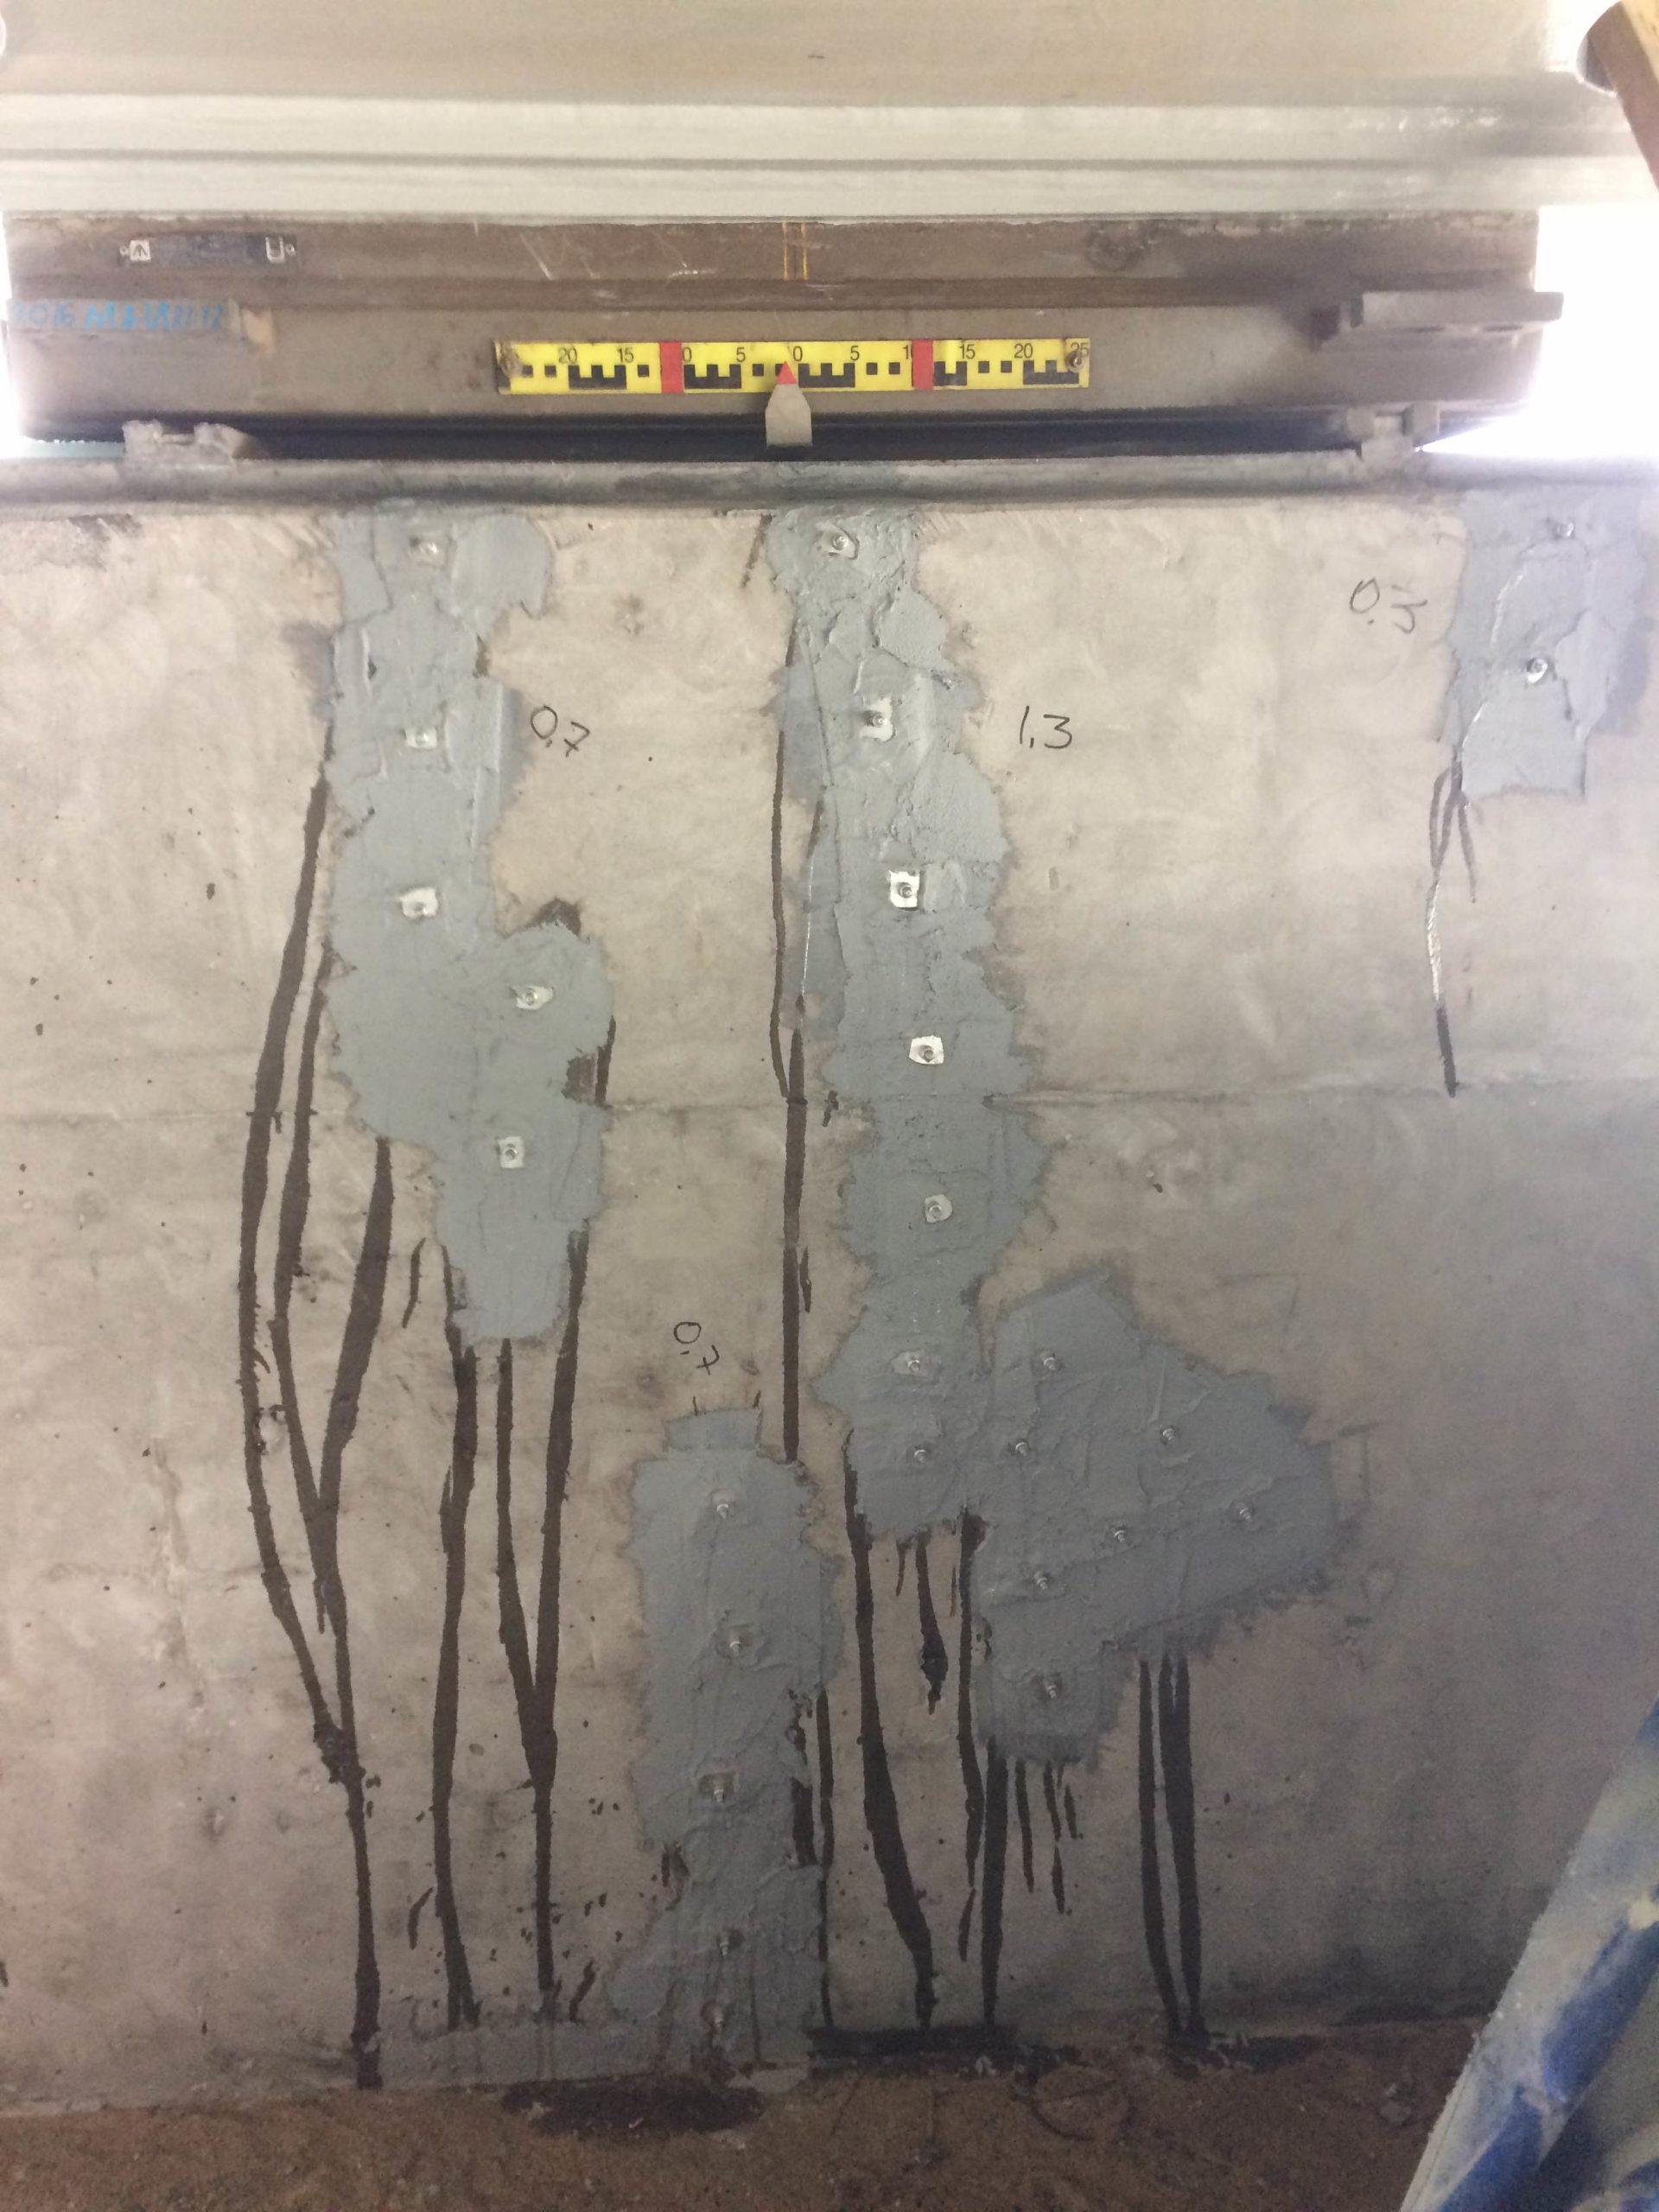 Ремонт трещин в бетоне: заделка, заливка, инъектирование бетона от усадочных трещин | ремонтные смеси, составы для заделки трещин в бетоне, заливки на урале оптом mapei